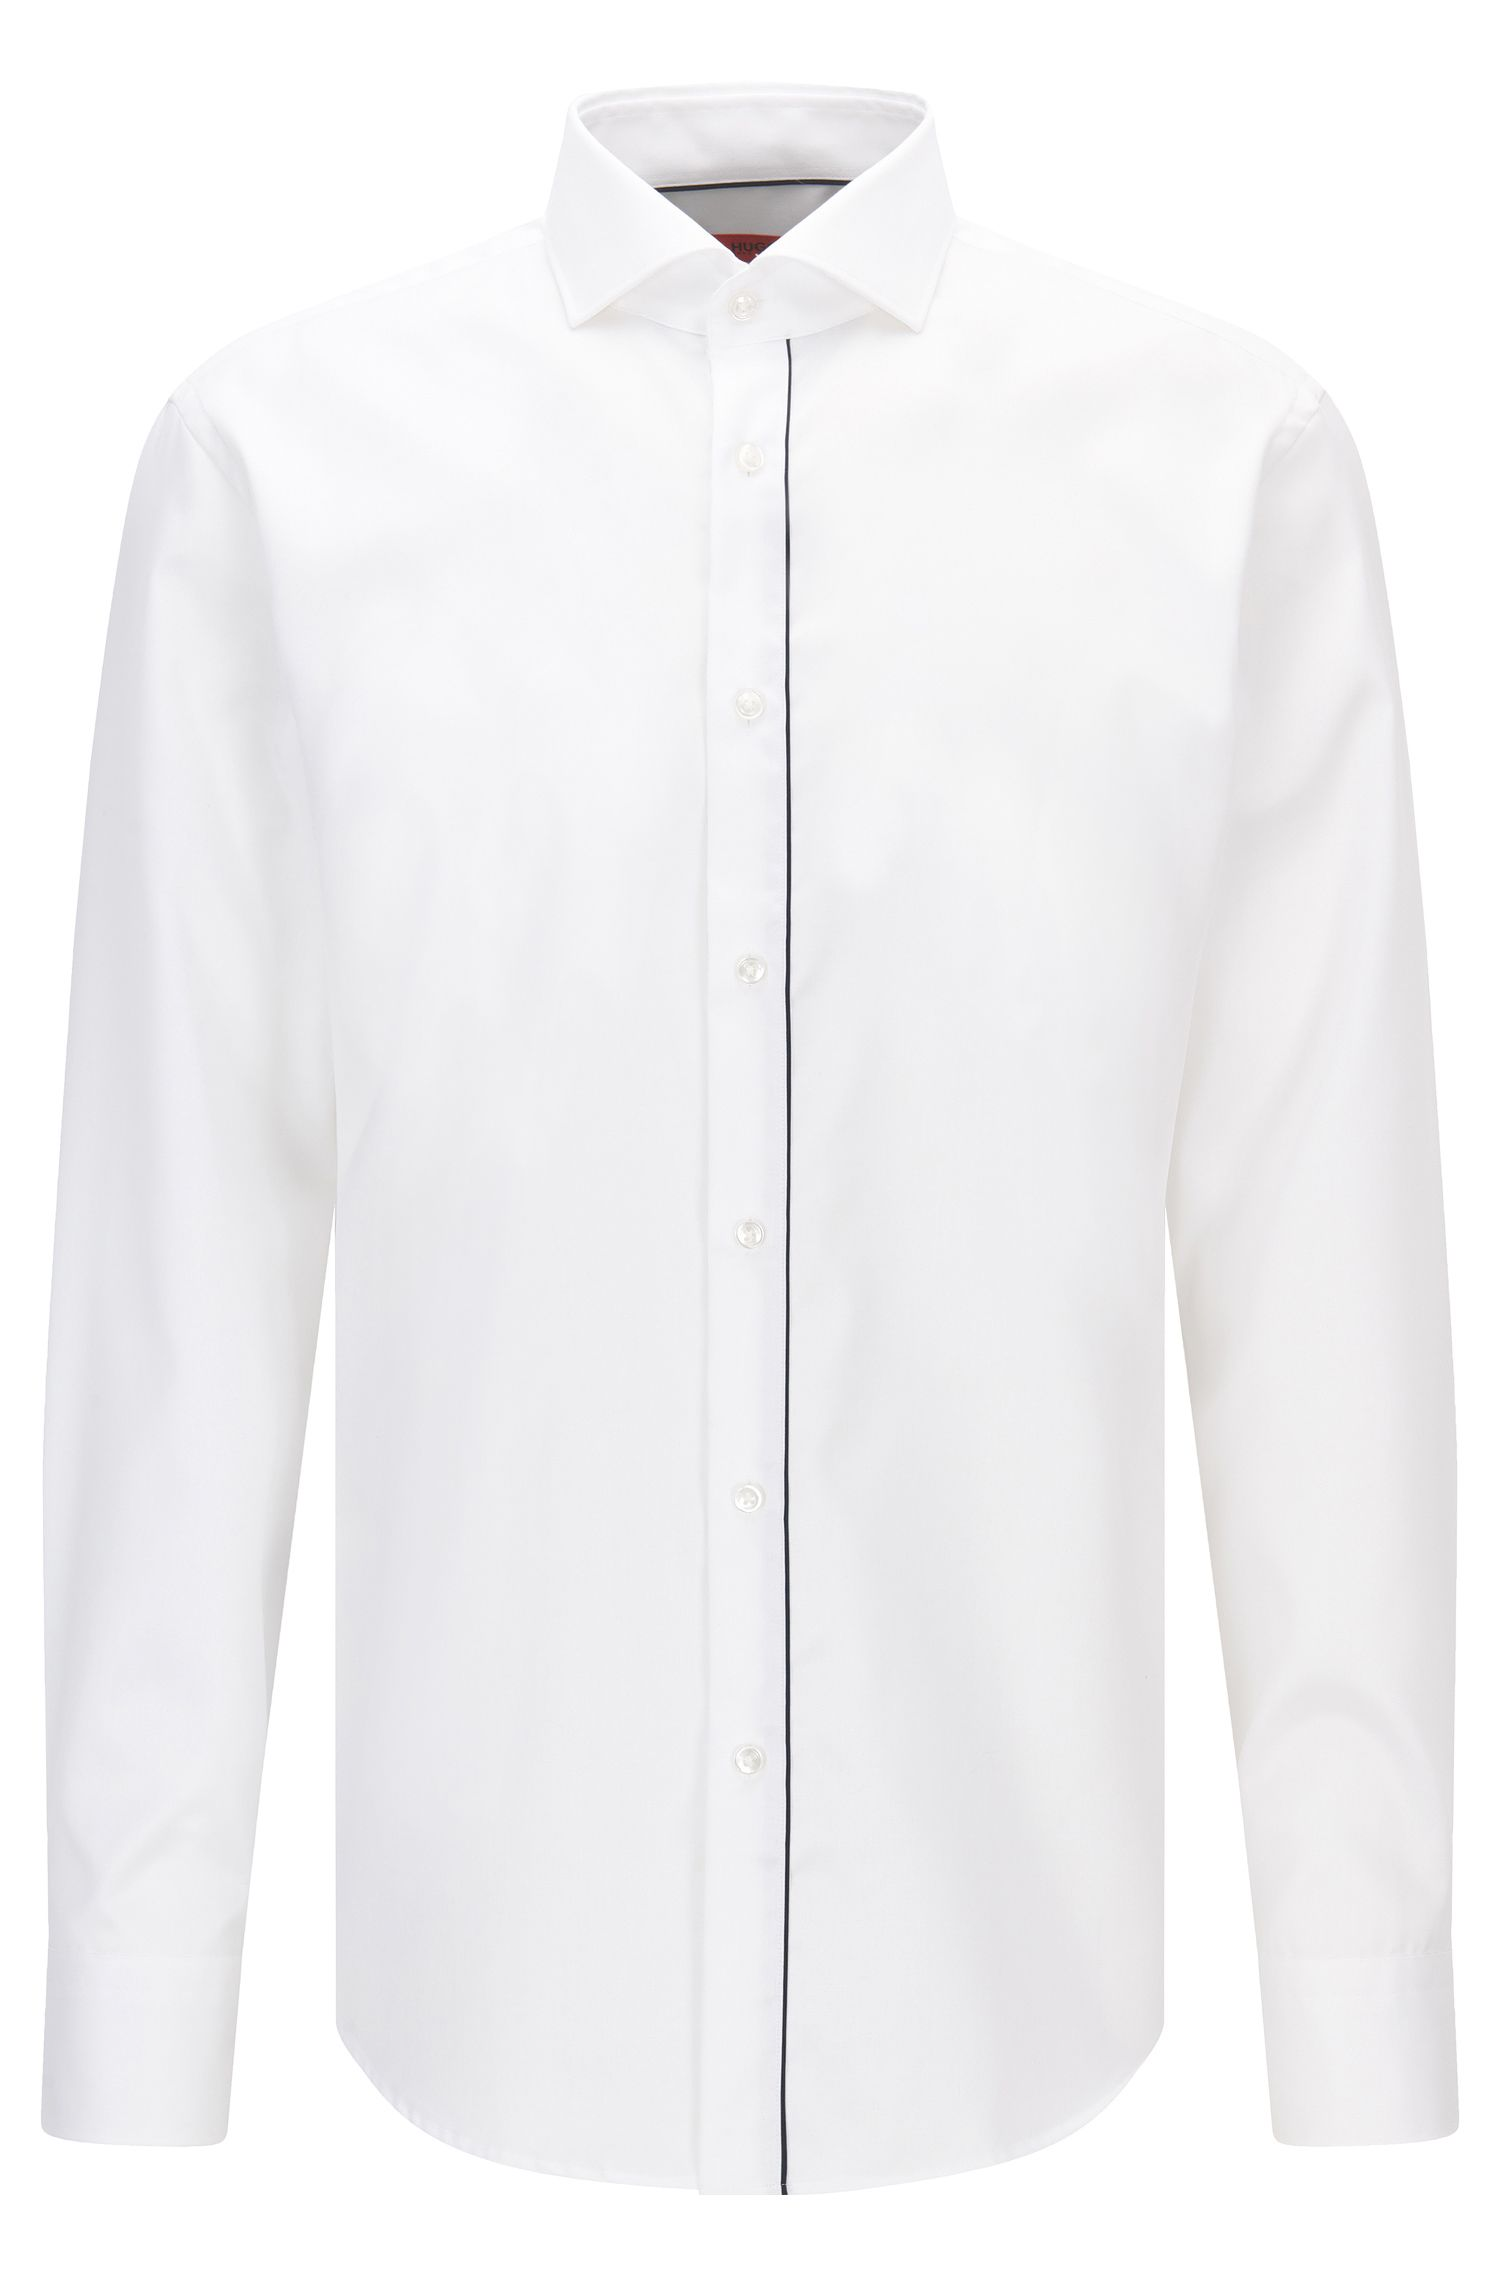 Regular-Fit Hemd aus Baumwolle mit Paspel an der Knopfleiste